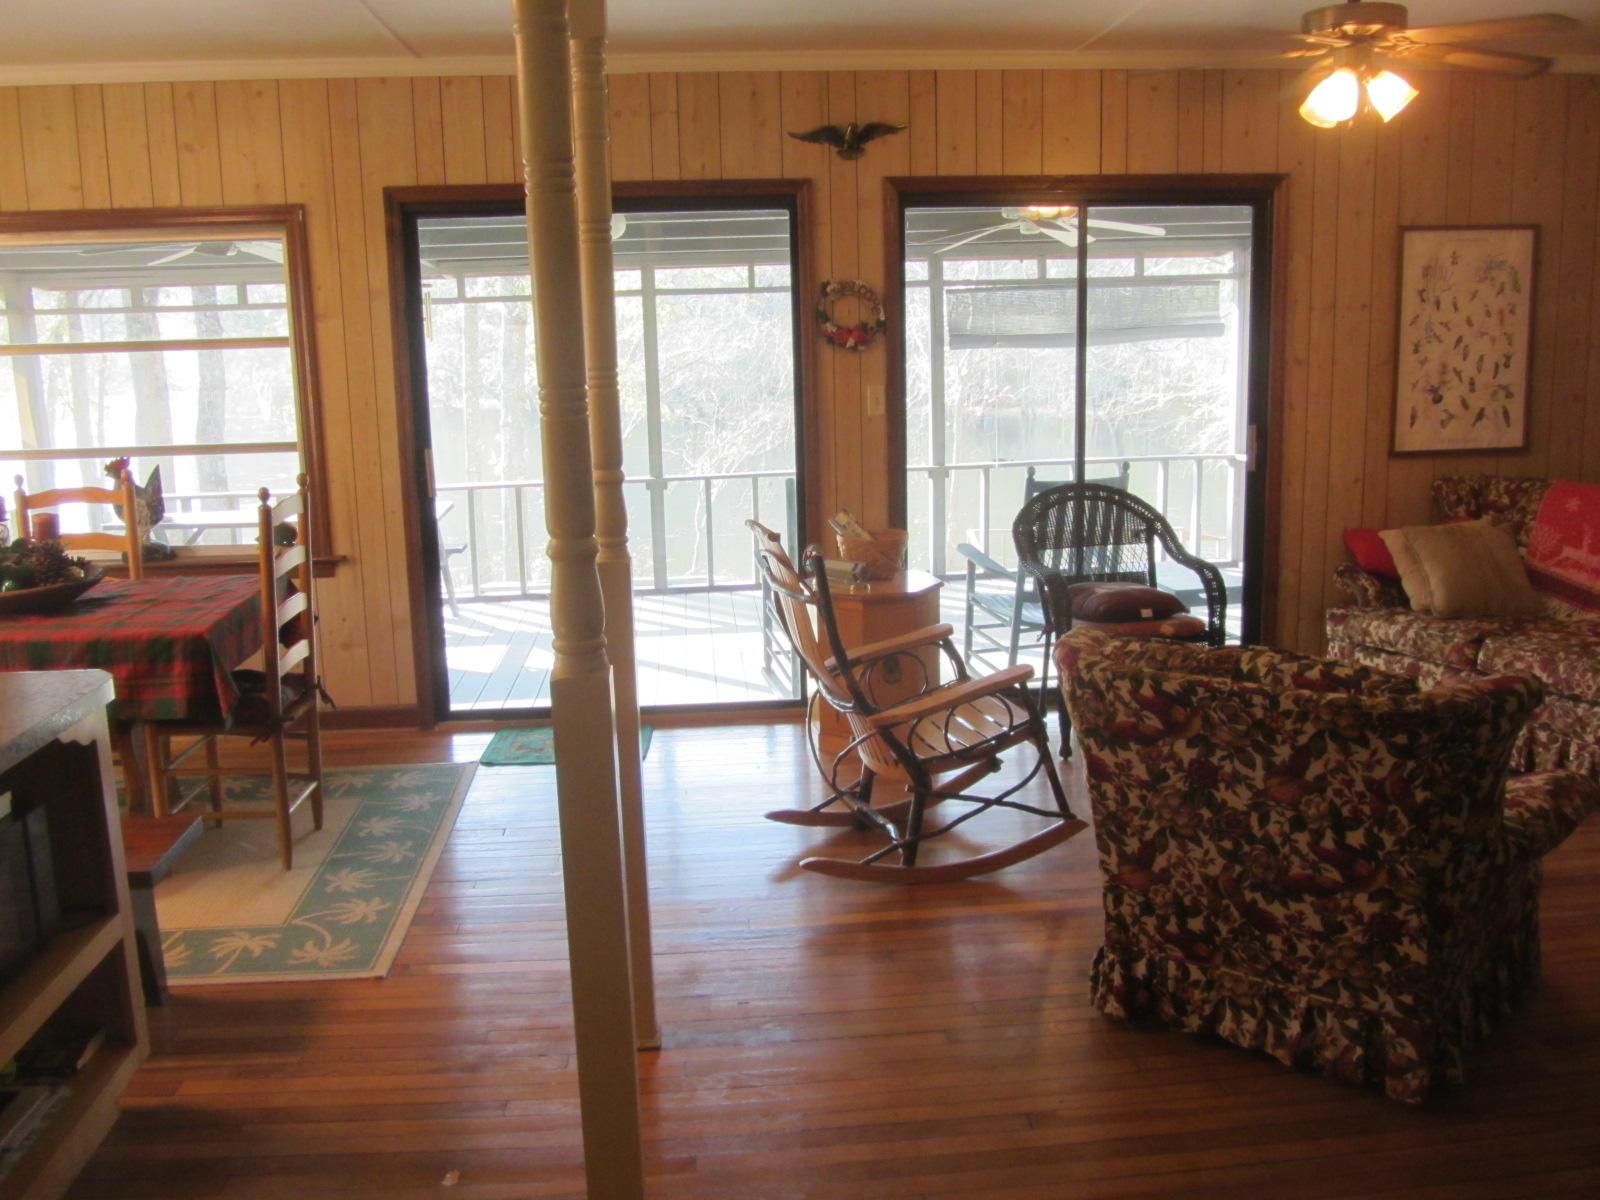 Edisto River Homes For Sale - 265 Blackwater, Round O, SC - 11